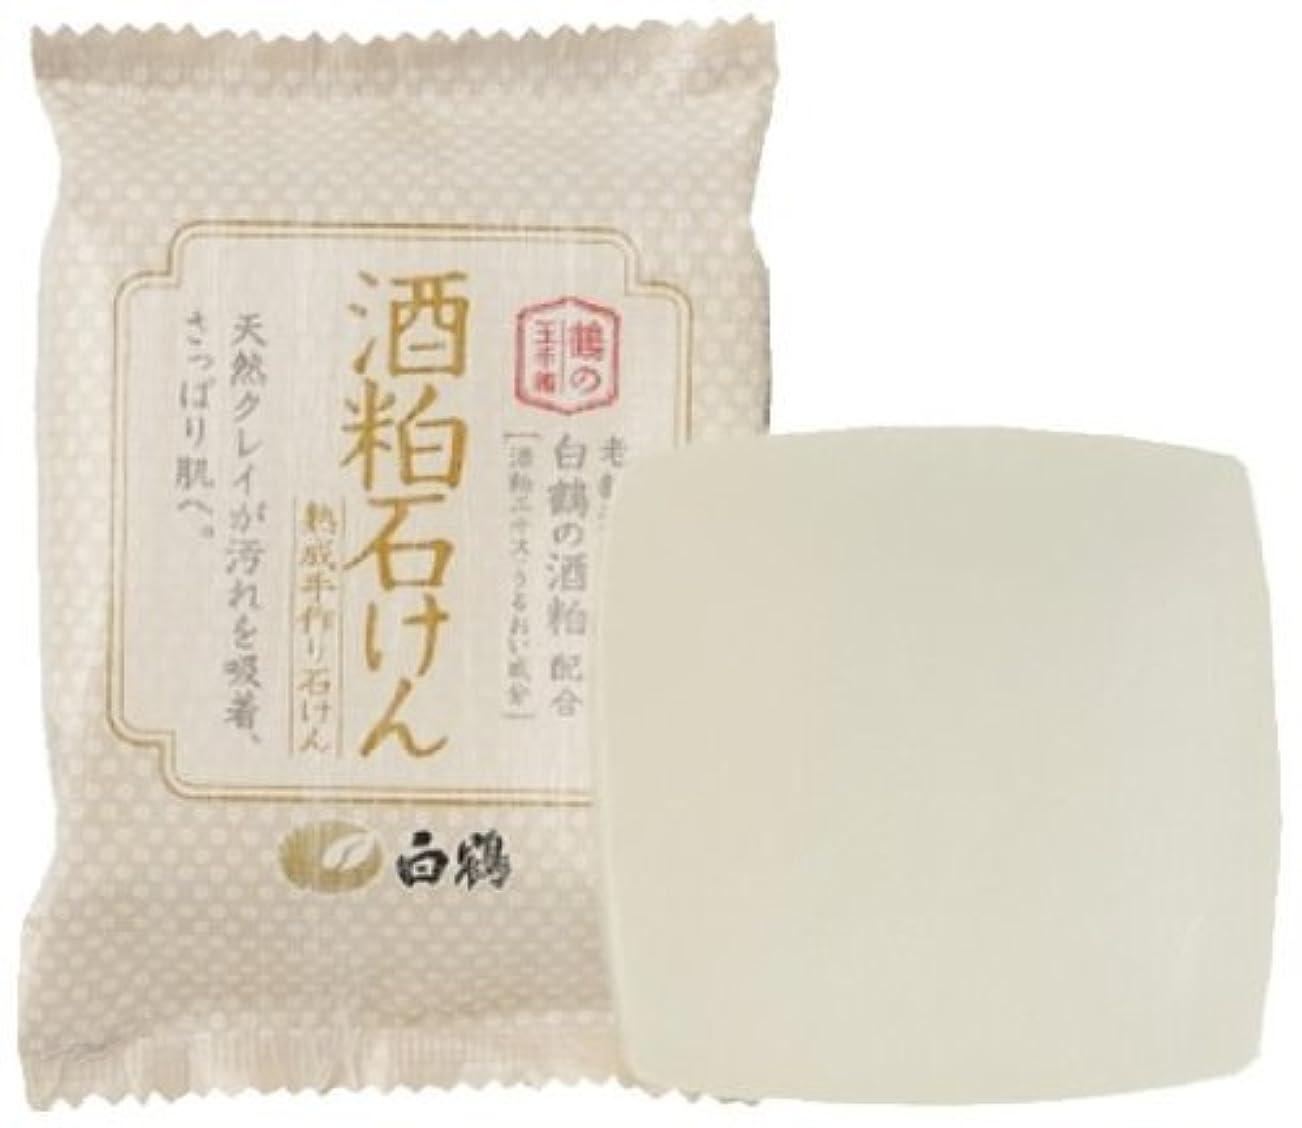 白鶴 鶴の玉手箱 酒粕石けん 100g × 10個